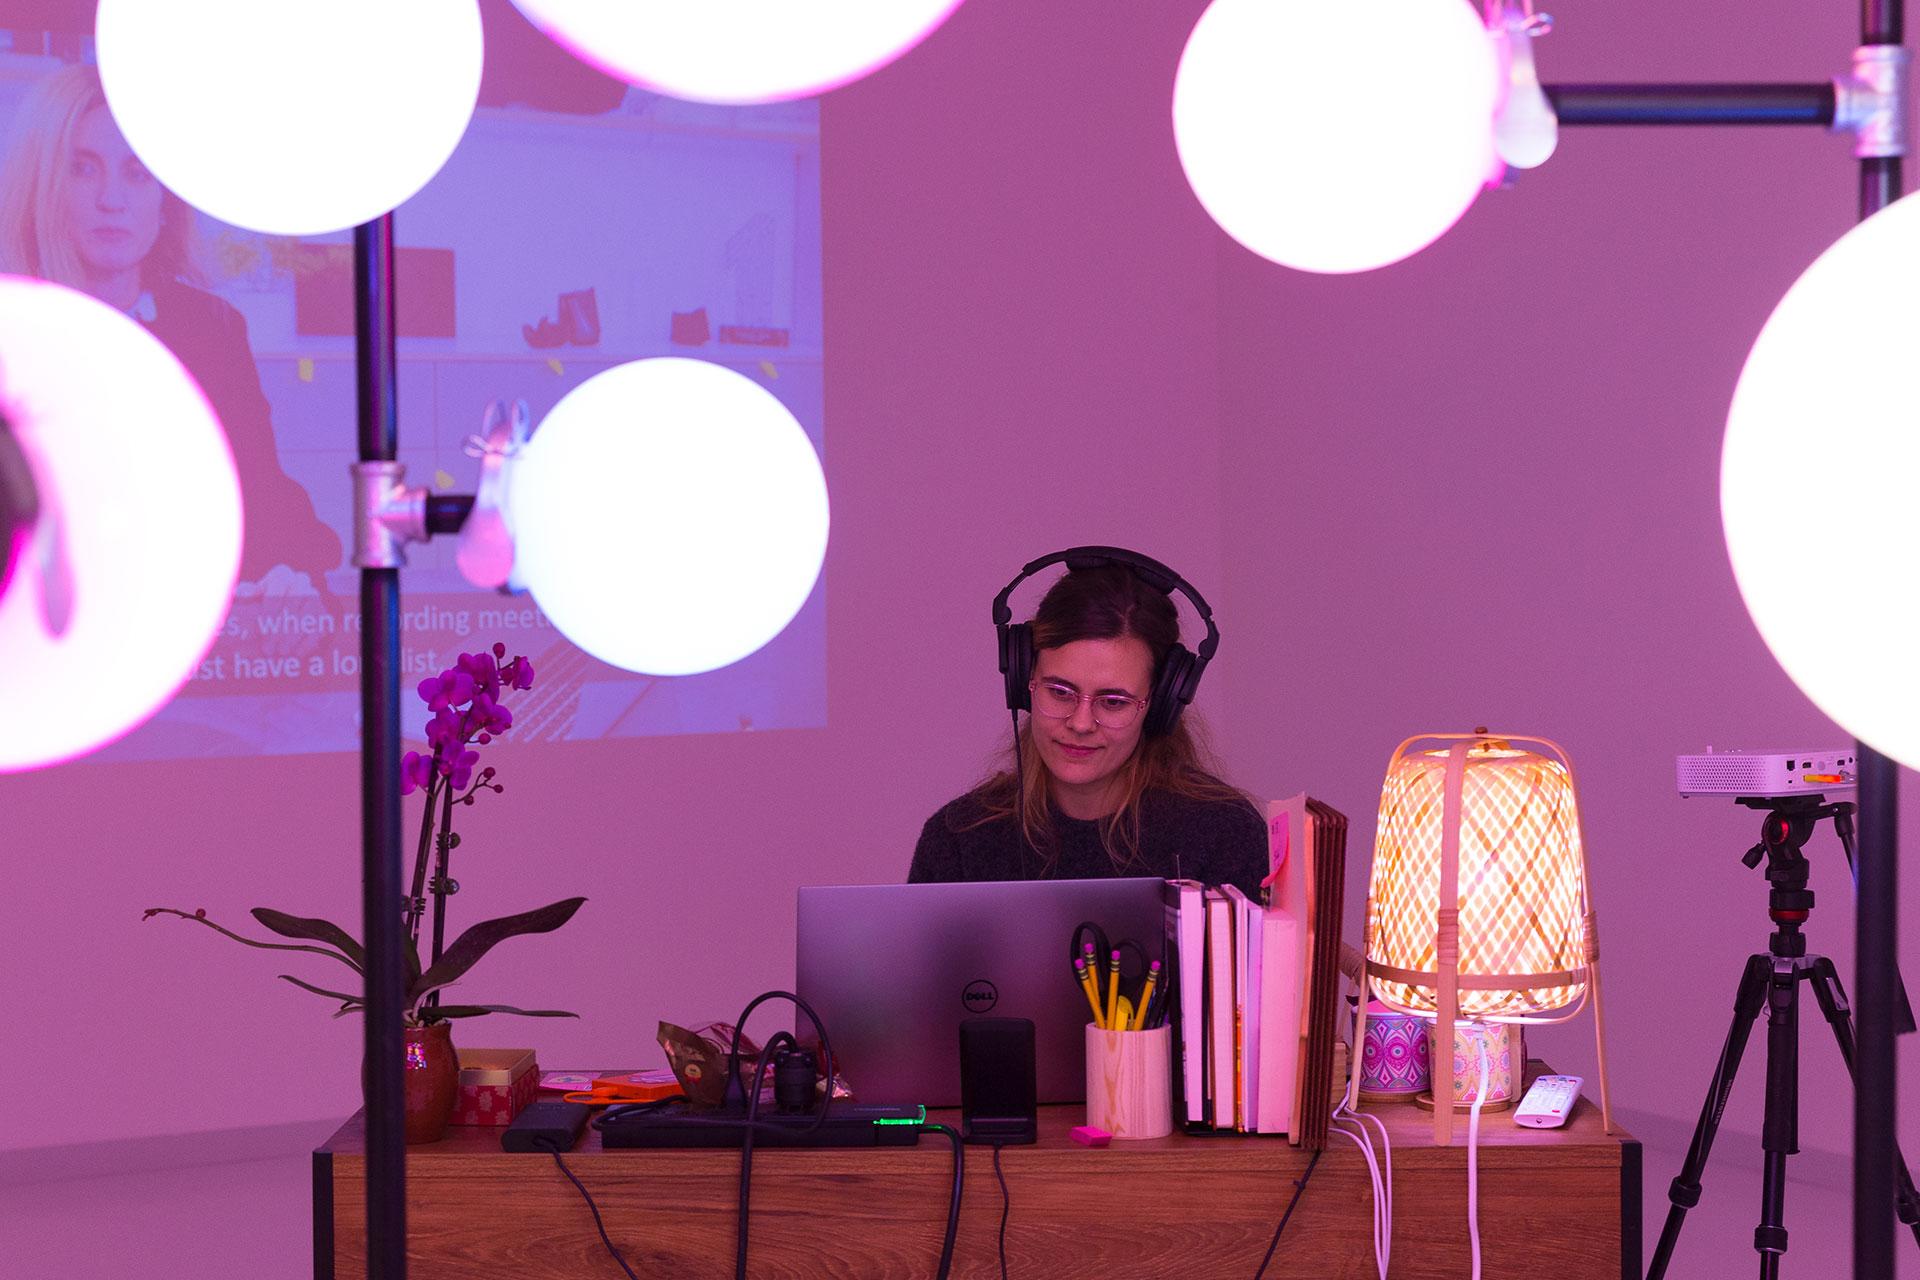 Seorang wanita memakai headphone sedang melihat ke komputer di belakang lampu merah mudah yang terpasang pada tiang